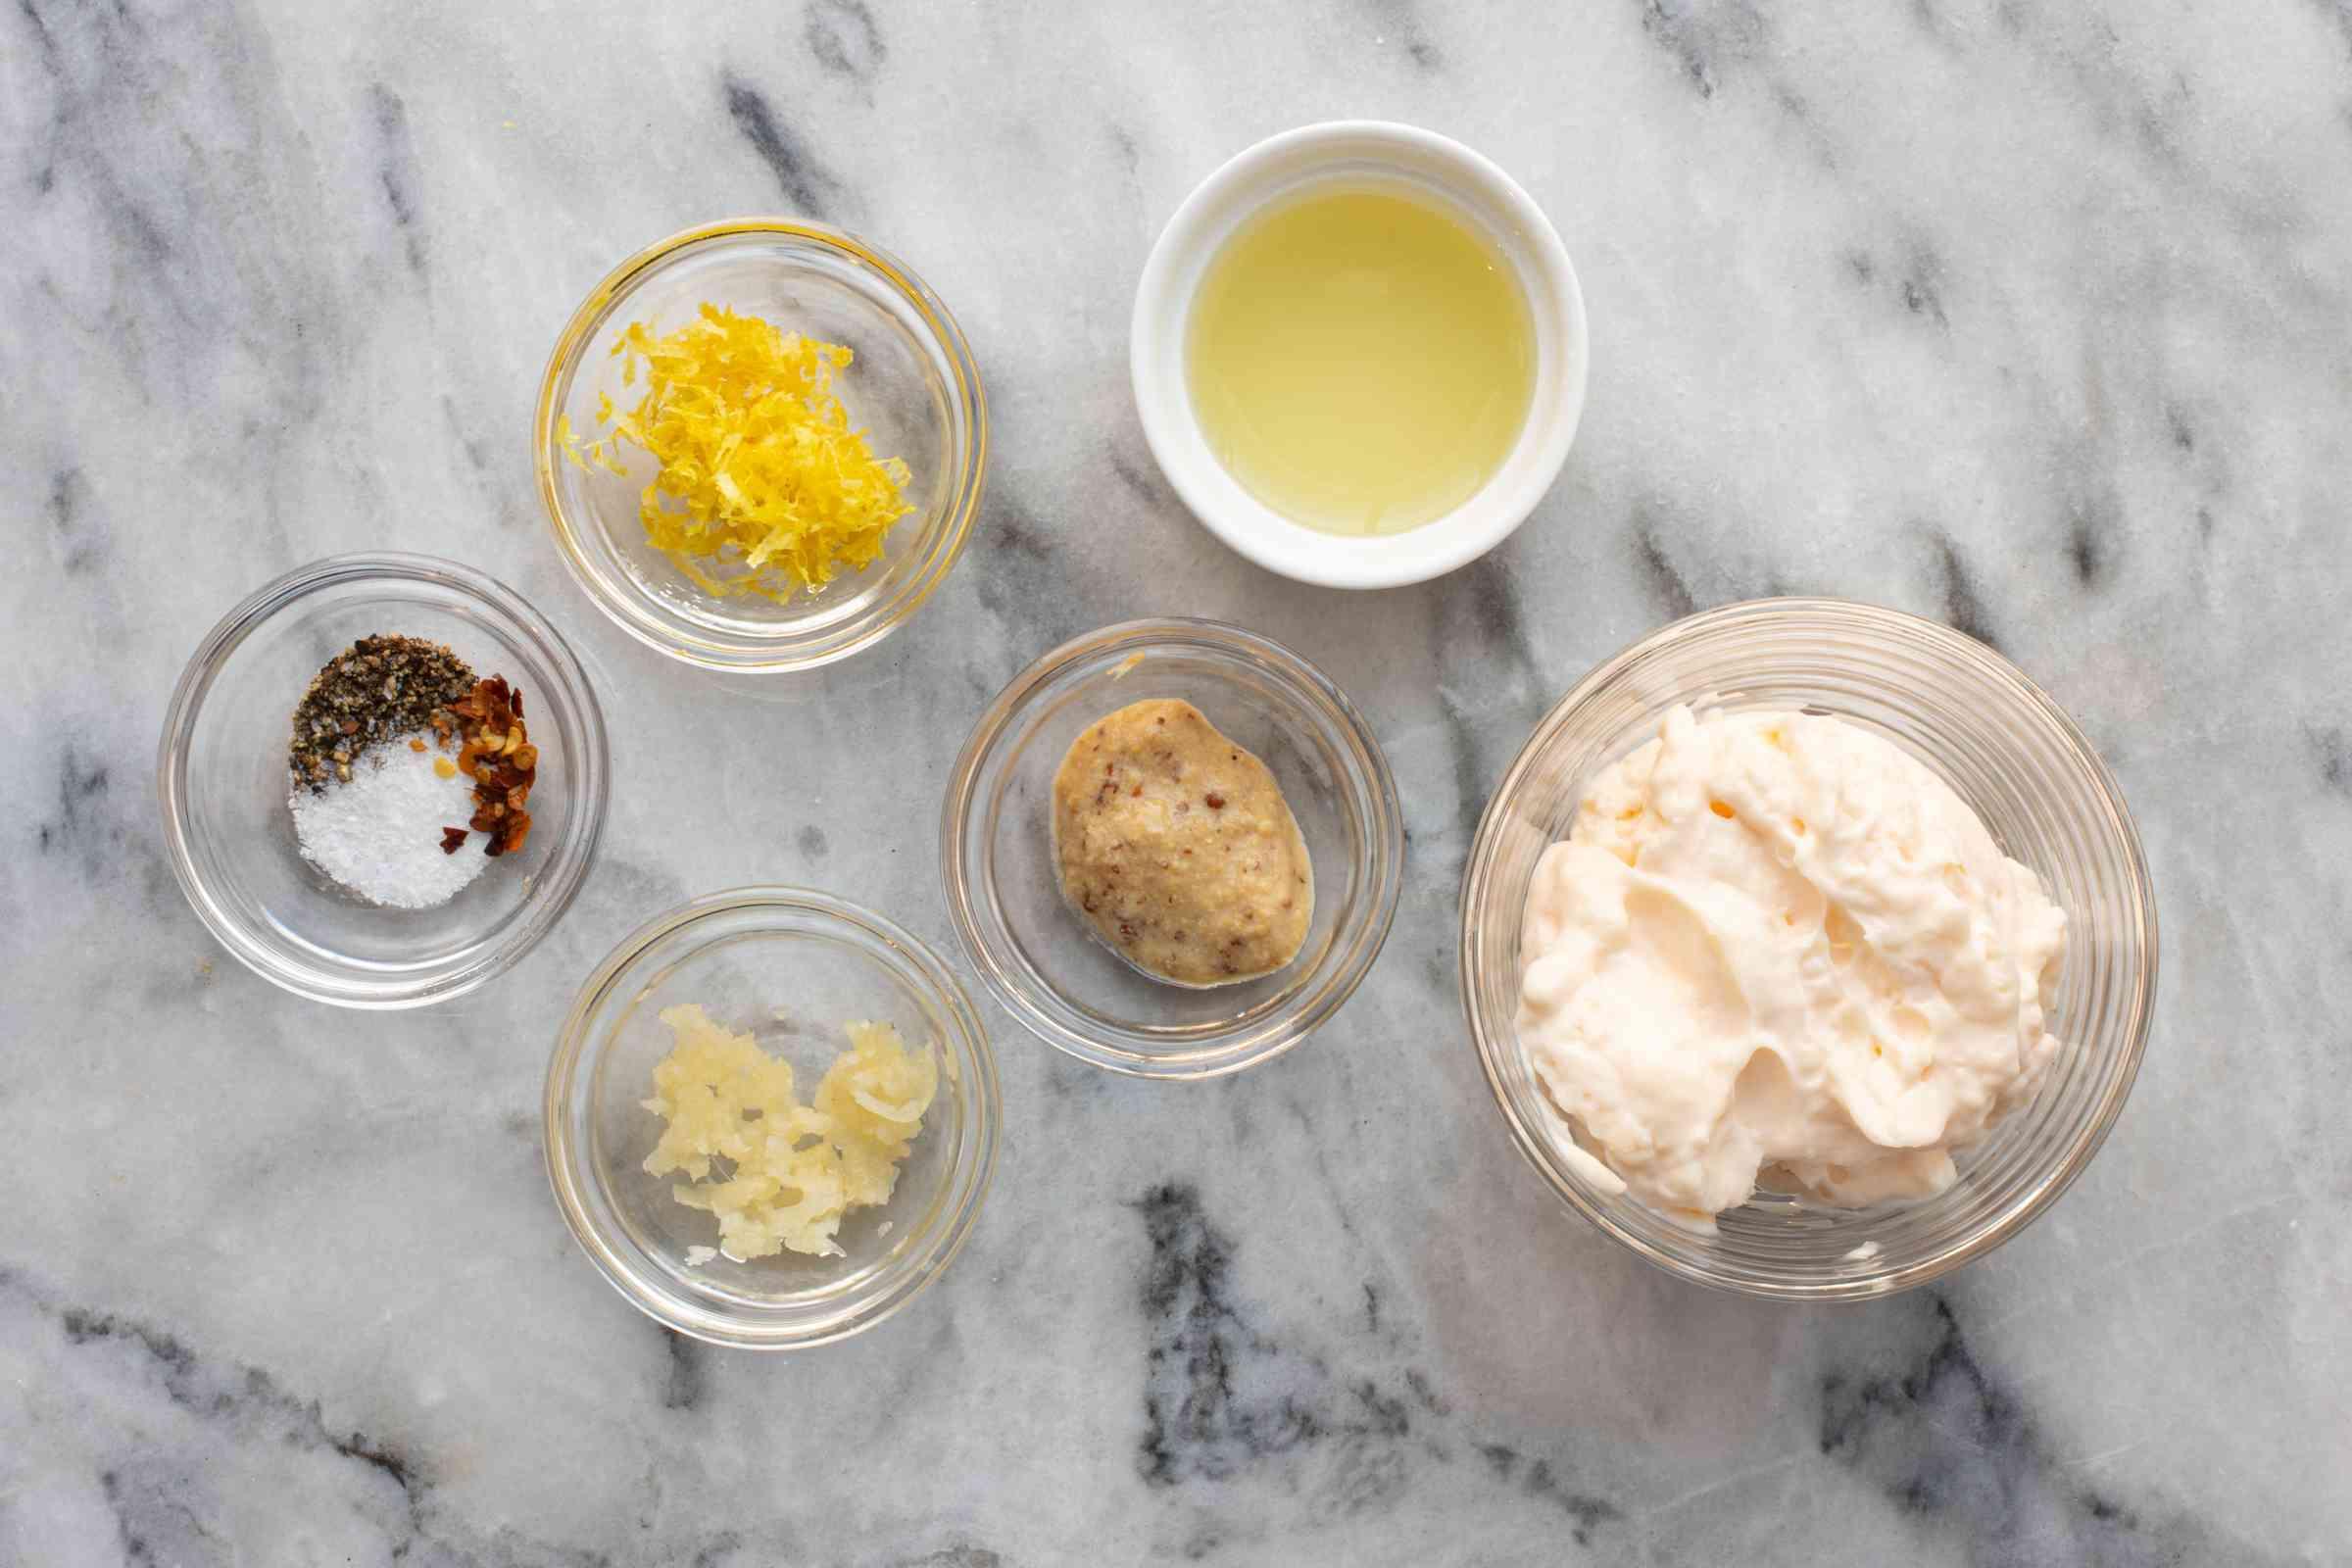 Ingredients for lemon garlic mayonnaise.